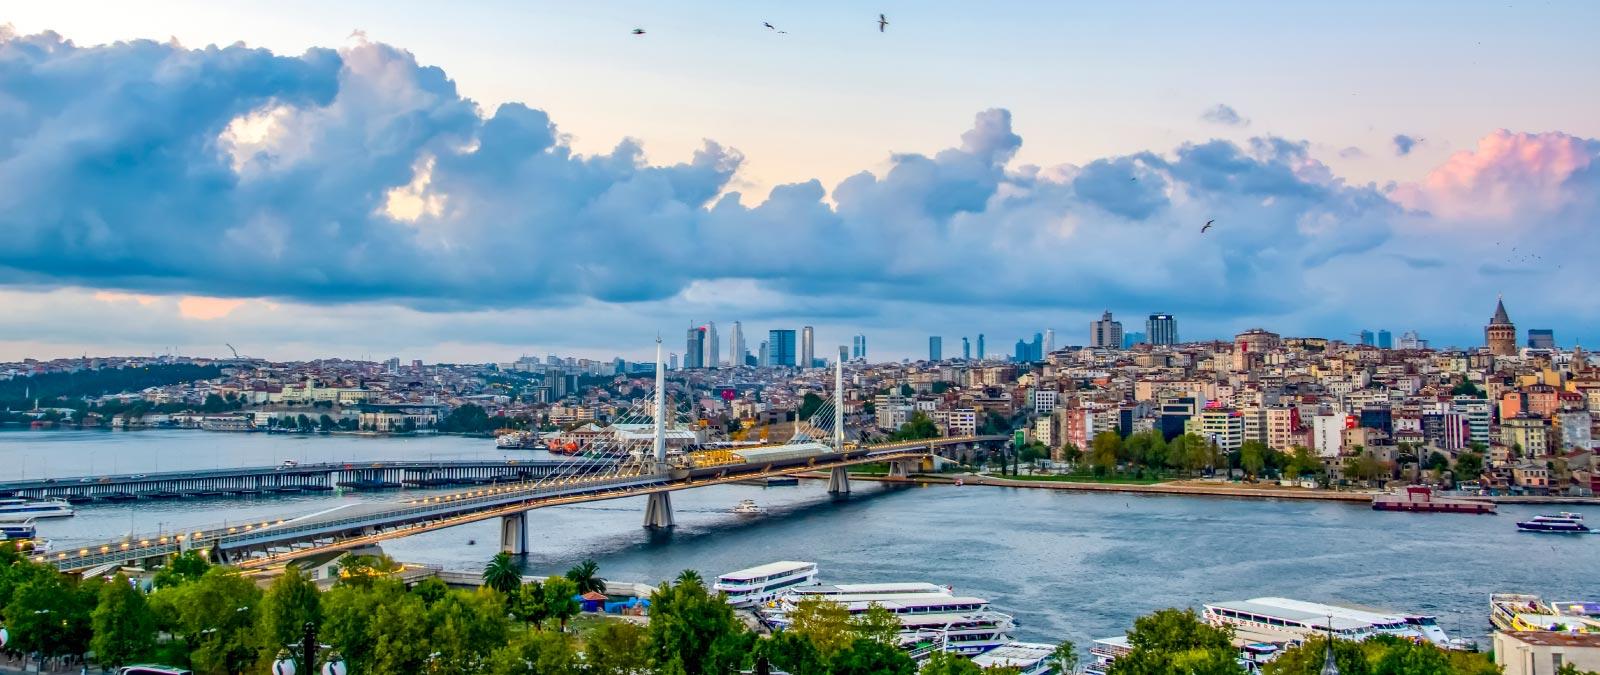 اسطنبول سلايدر 1